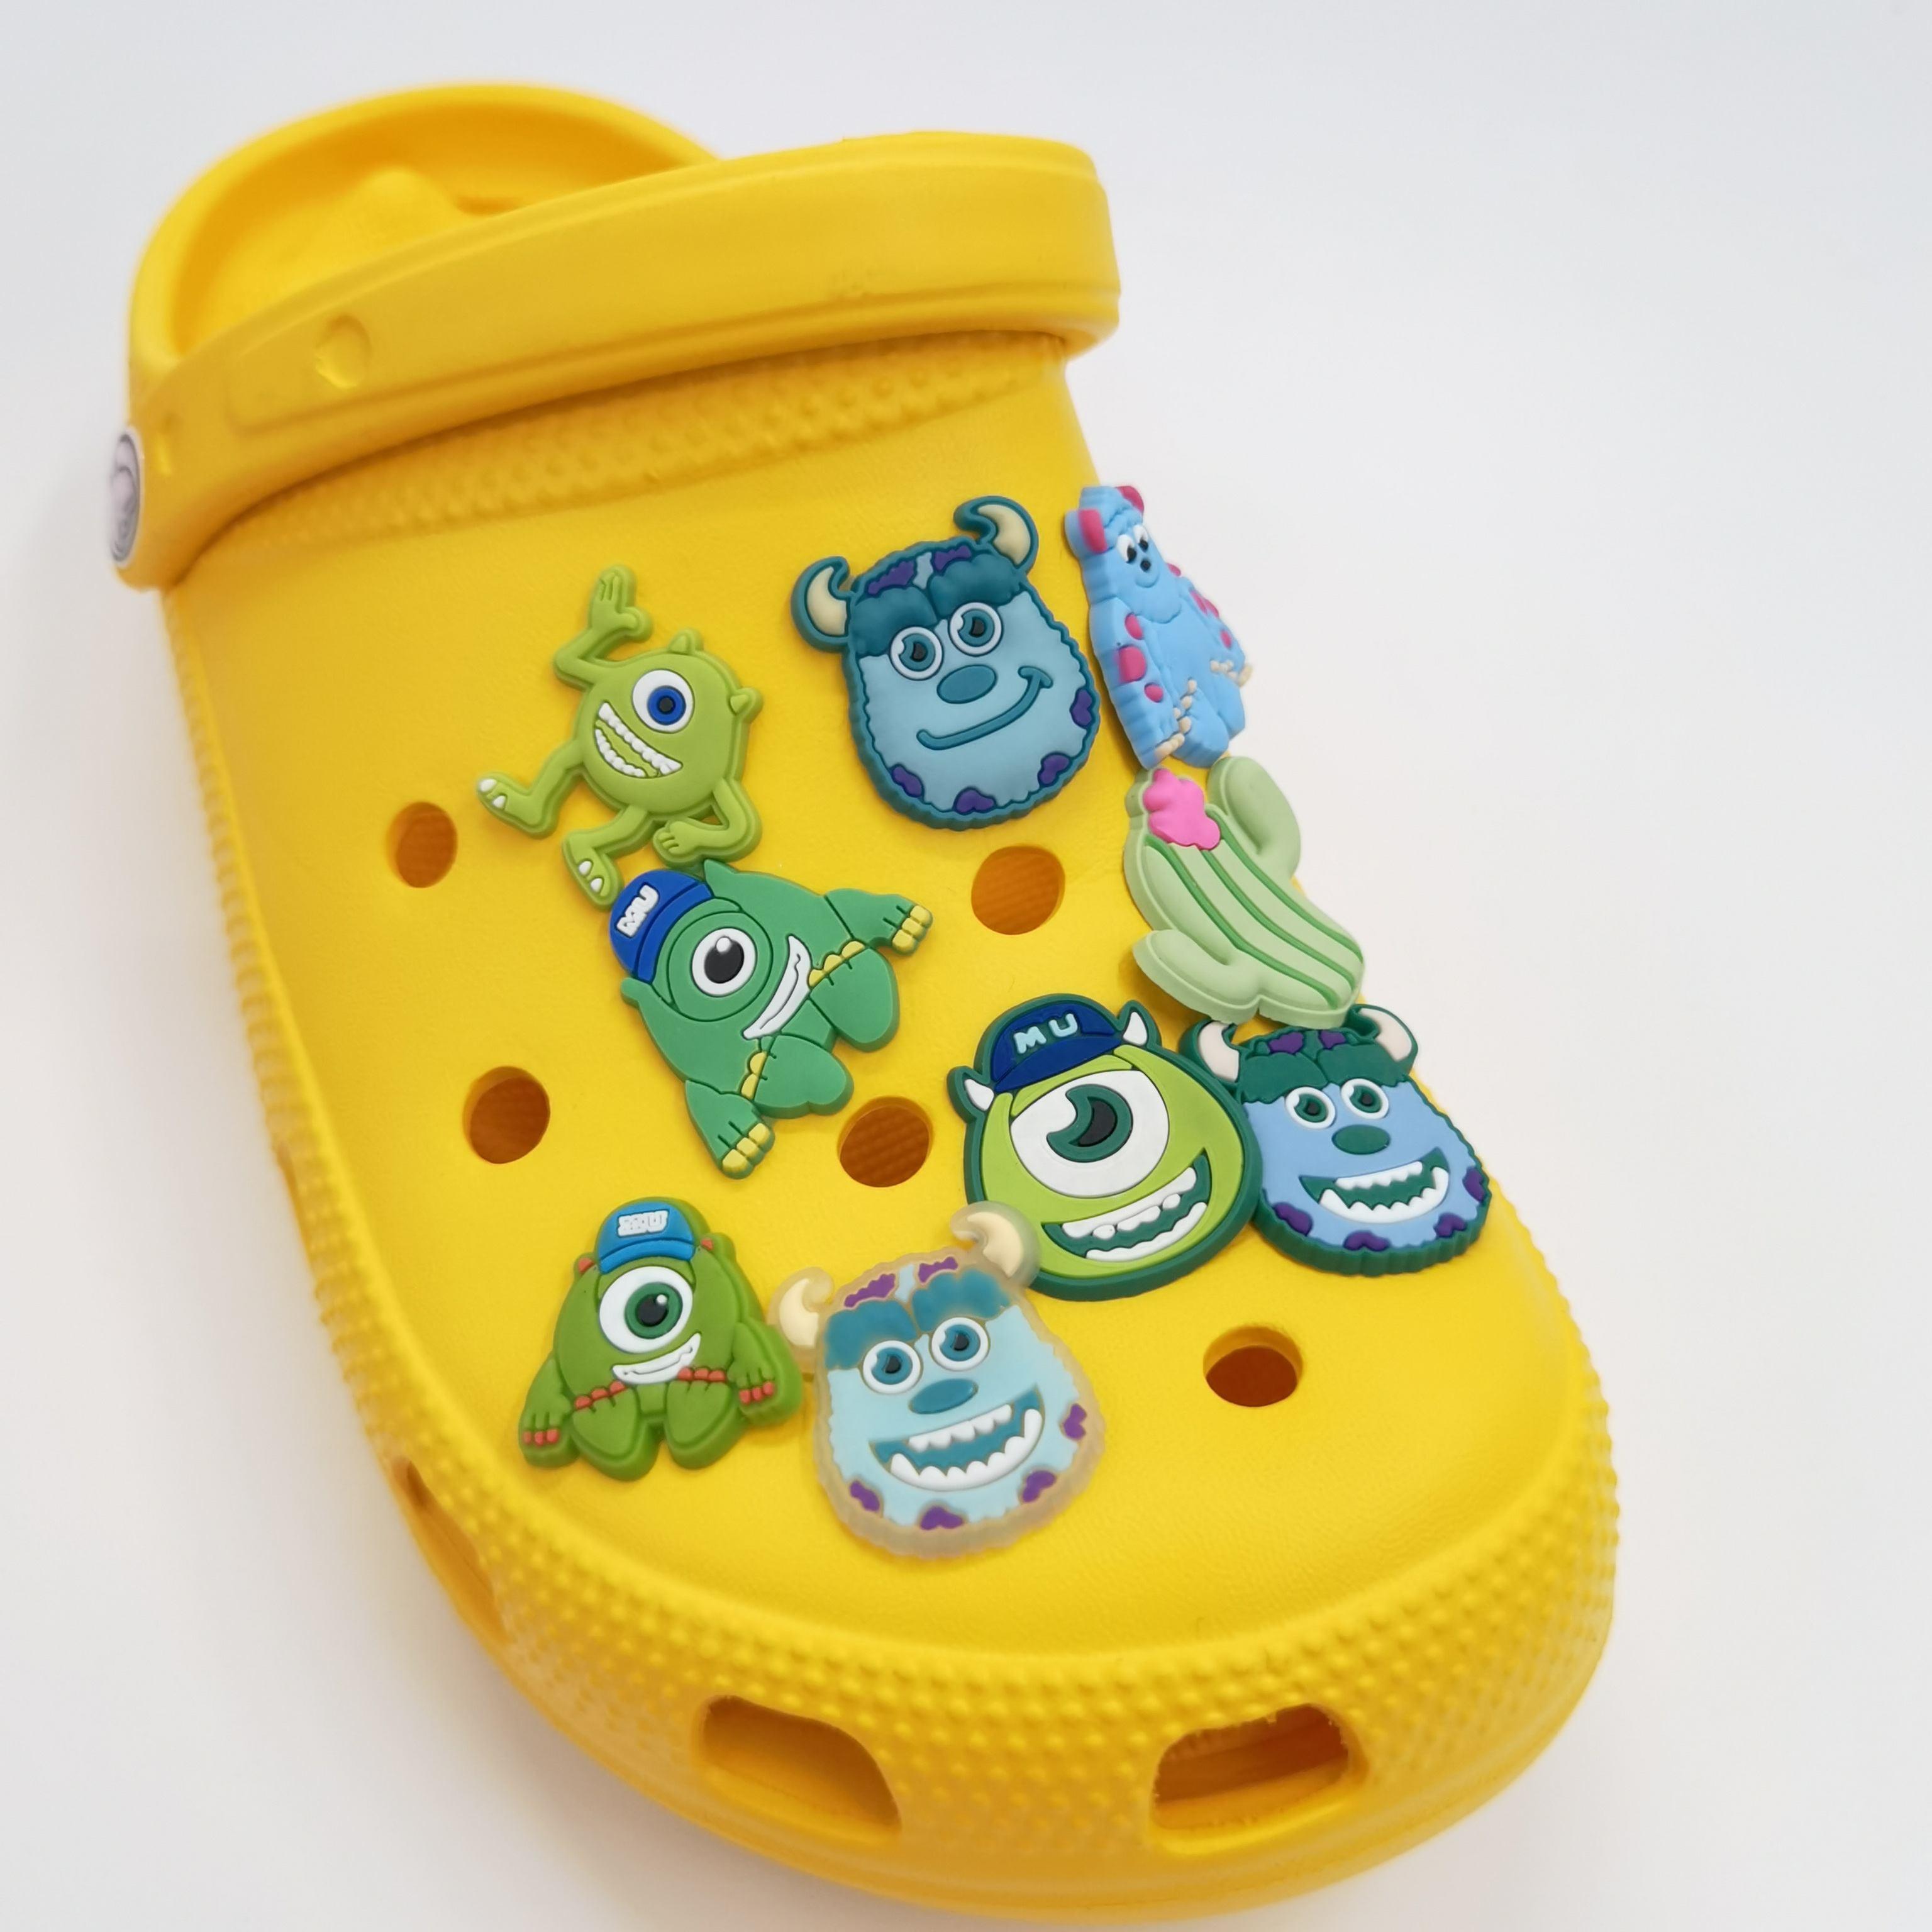 Wholesale quality designs human shape shoes decoration Shoe Charms soft PVC shoe charms